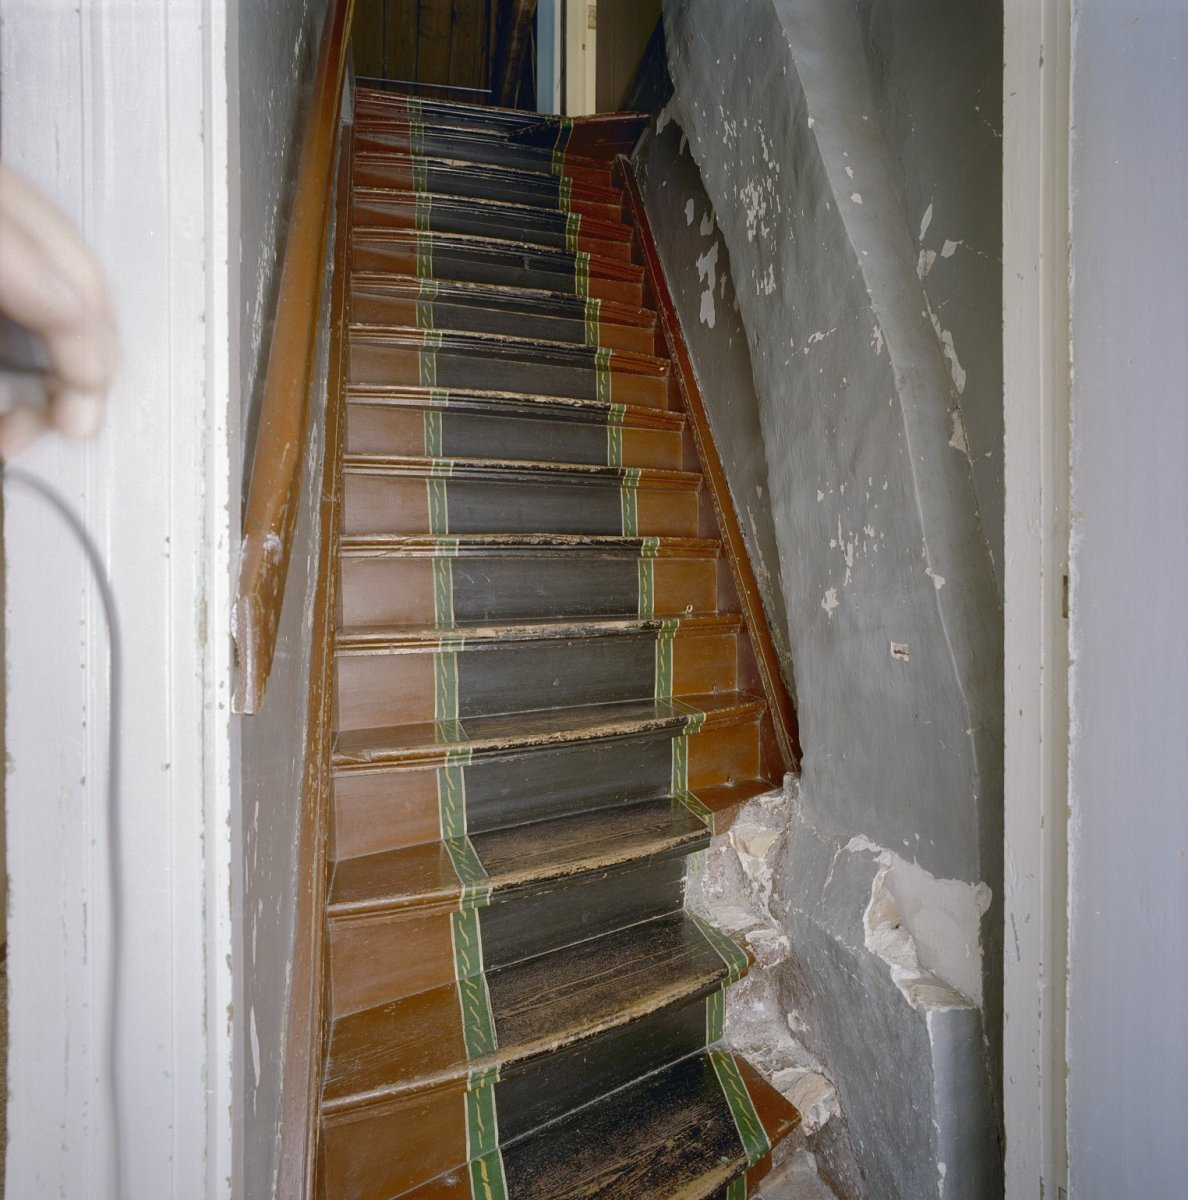 File interieur trap met geschilderde motieven heijningen 20337287 wikimedia commons - Interieur trap ...